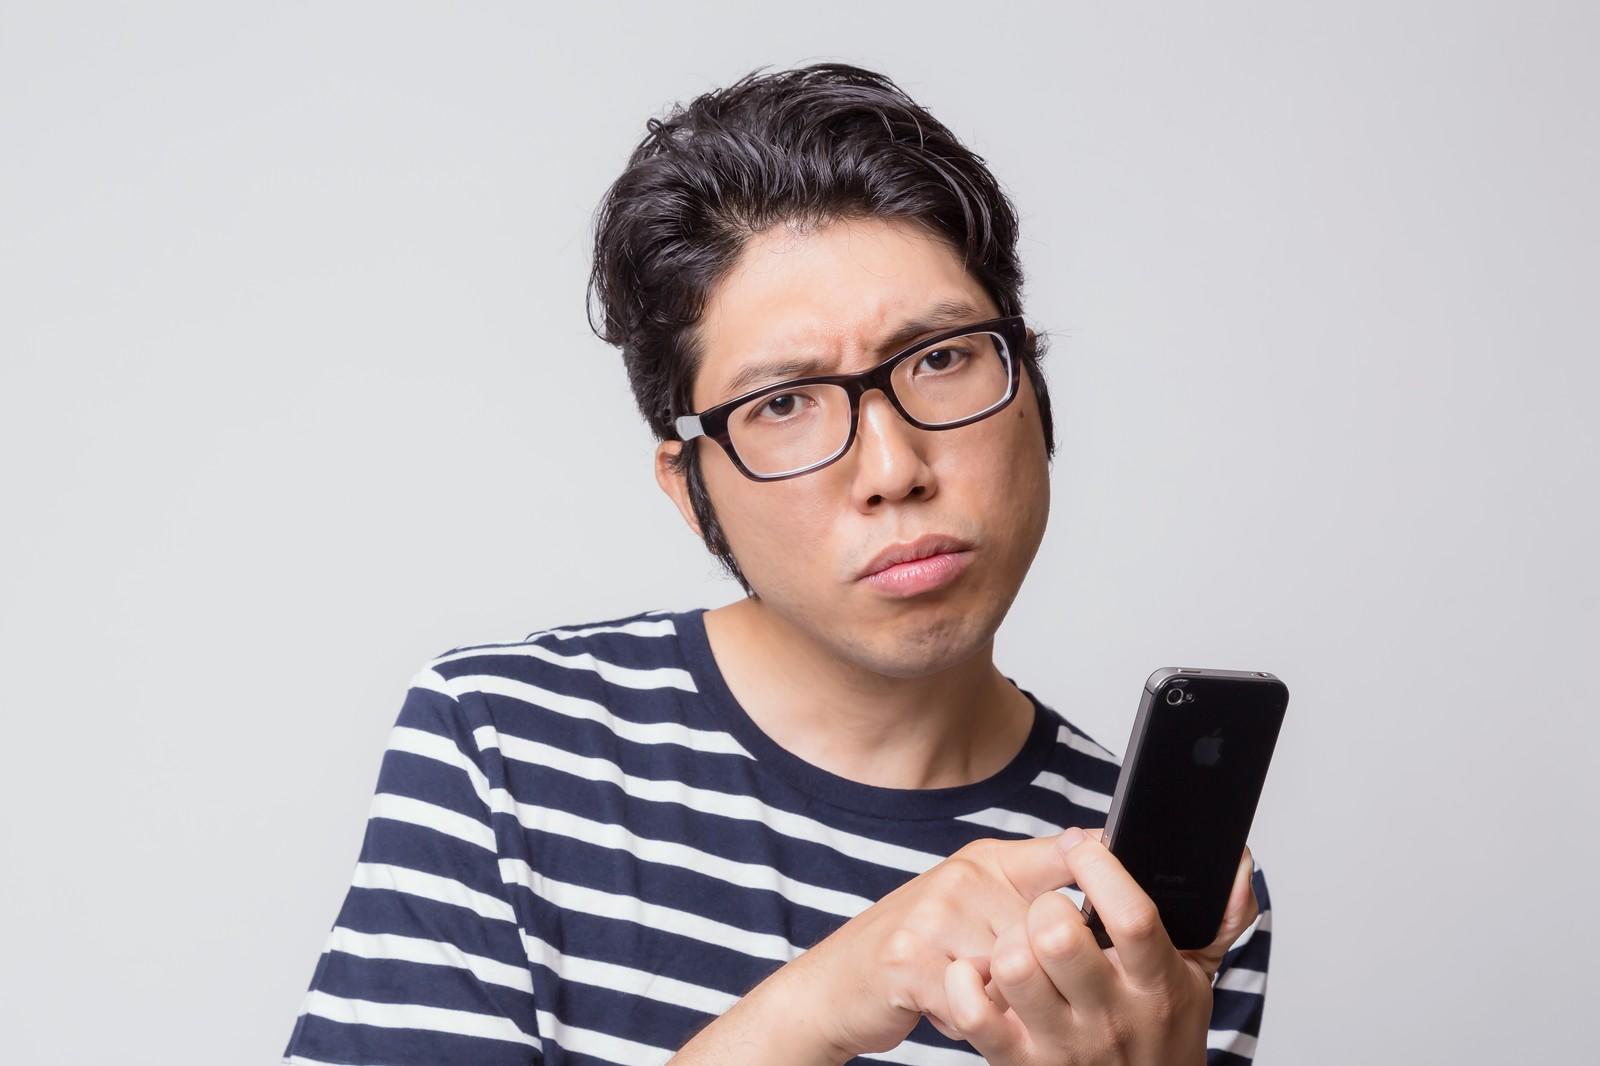 出会い系で顔写真の登録は必要?メリットや危険性を解説します